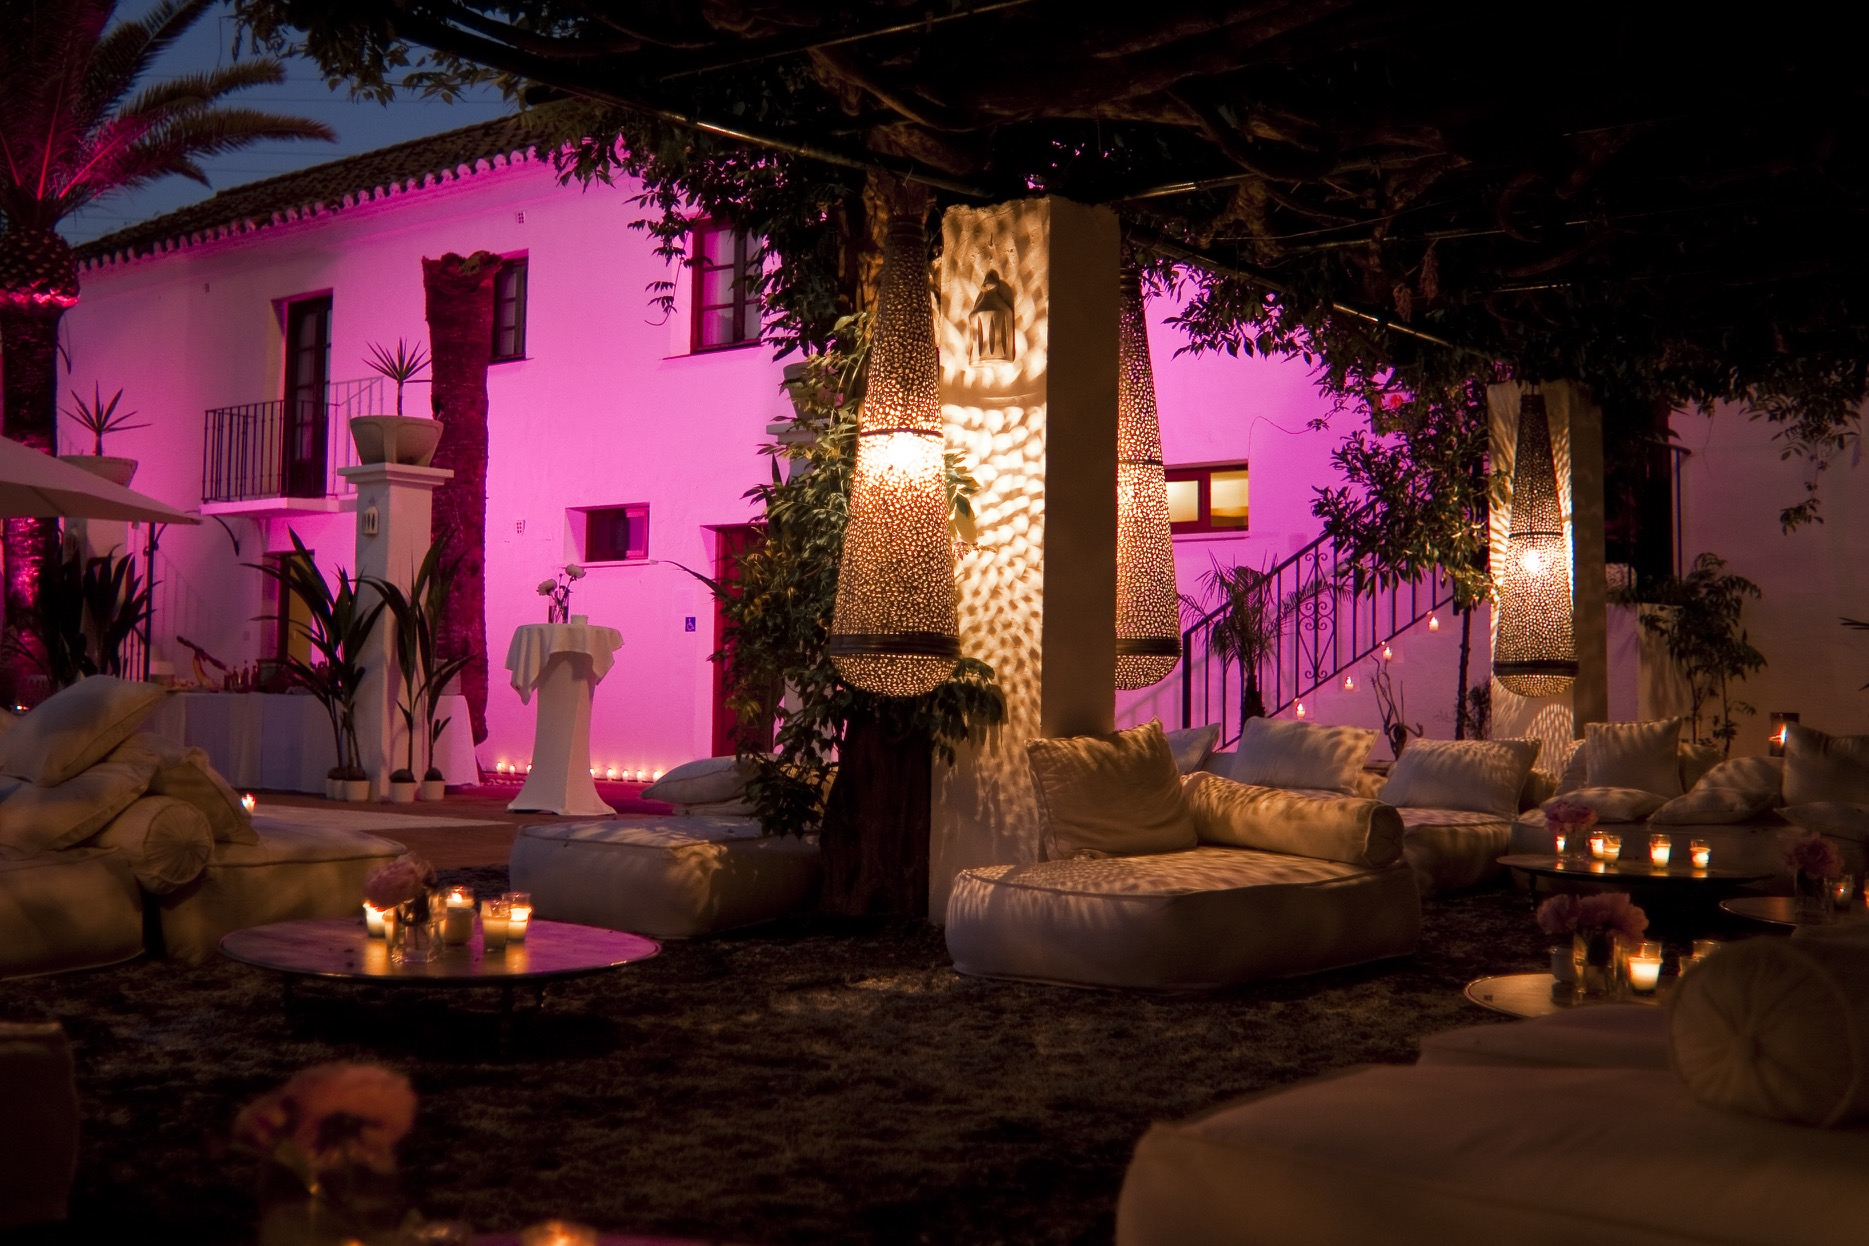 Si-Quiero-Wedding-Planner-By-Sira-Antequera-Bodas-Málaga-Marbella-Miami- Alba-ManuelK-2